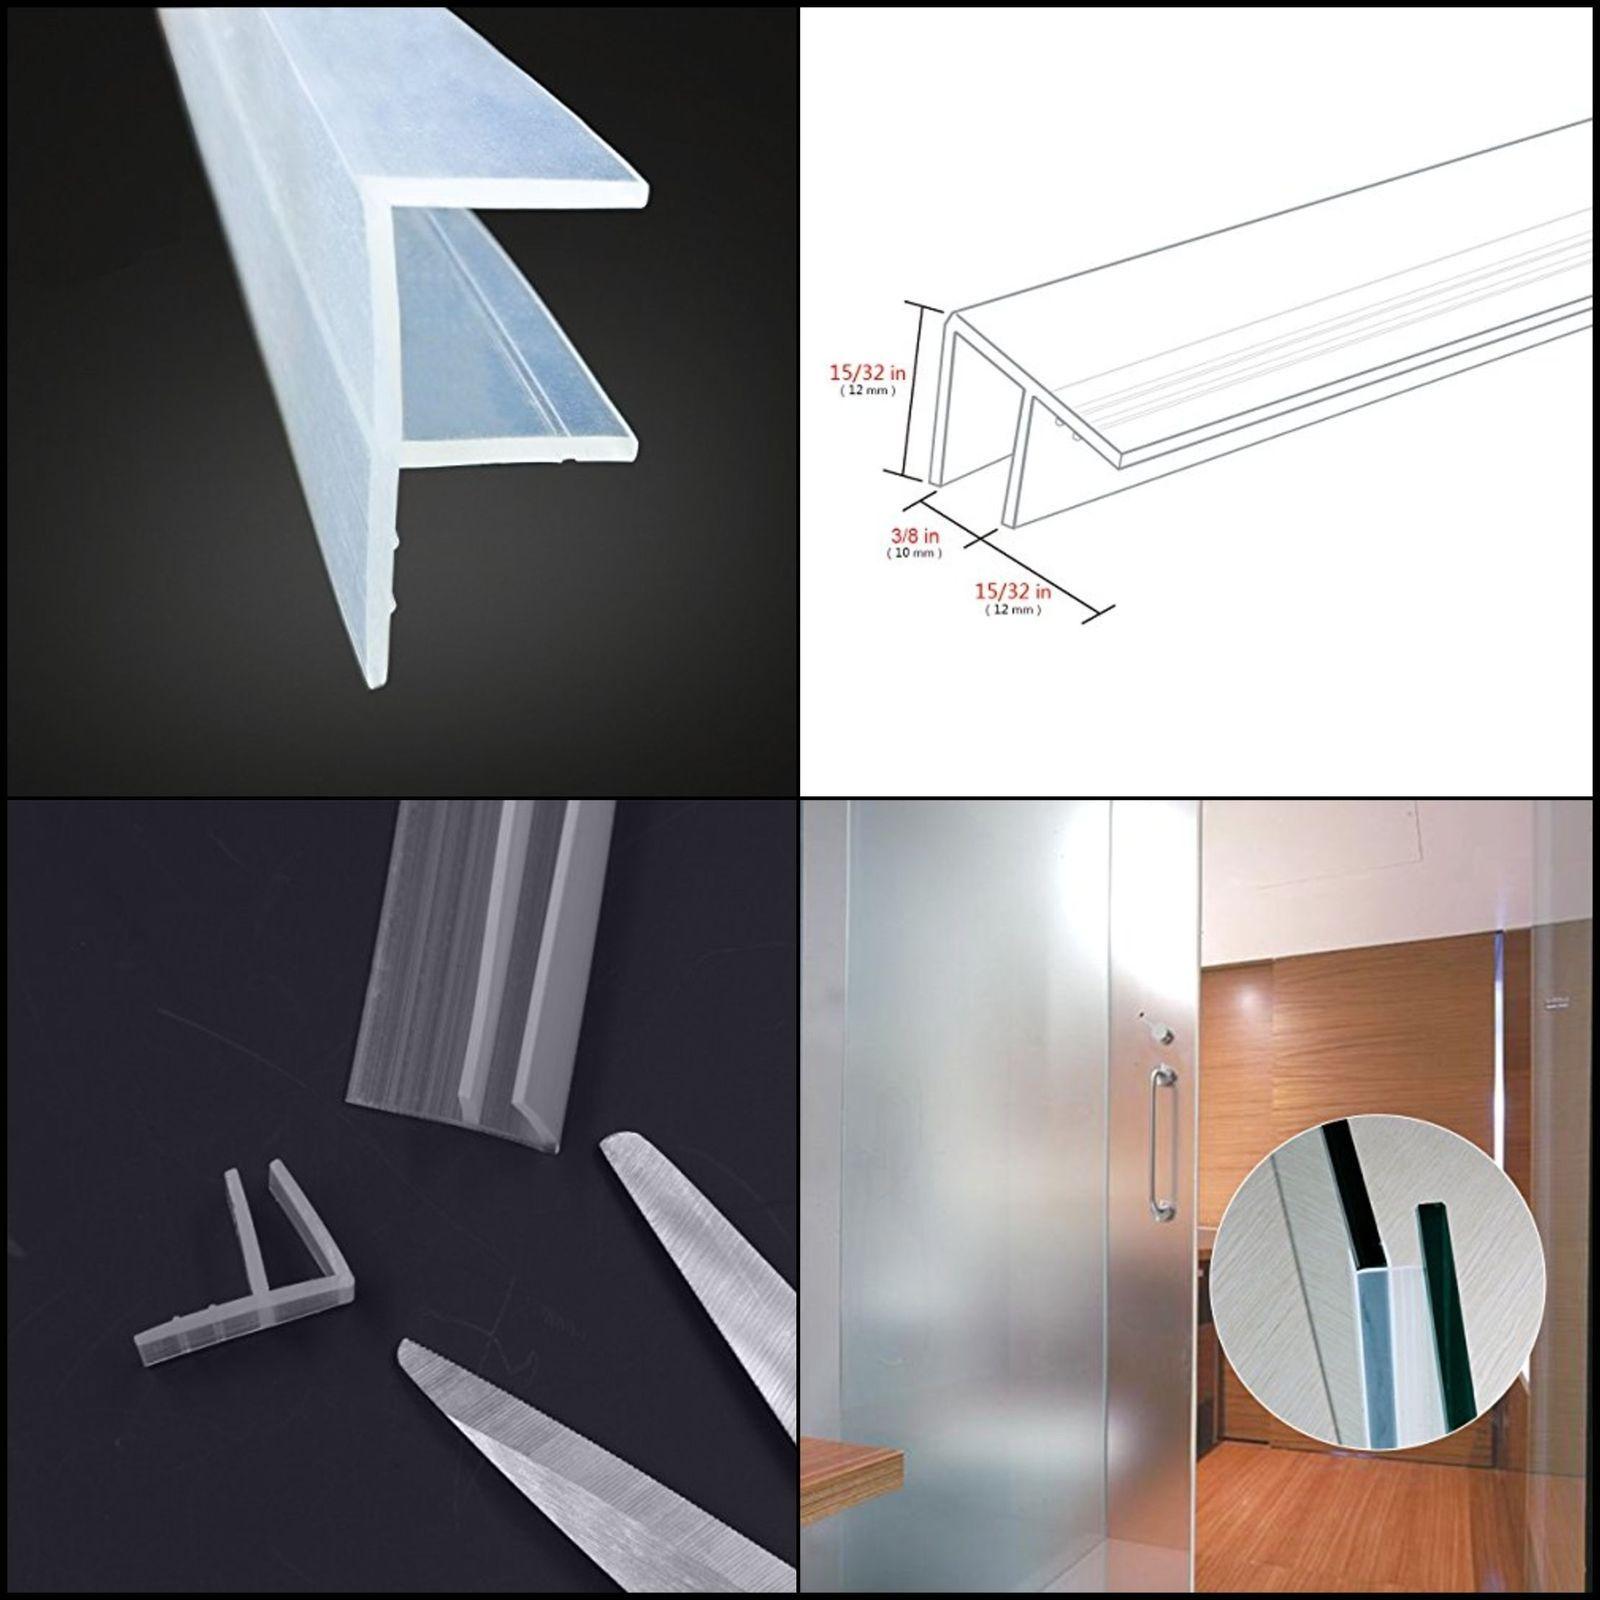 8 58 Frameless Glass Shower Door Sweep Bottom Seal Weatherproof